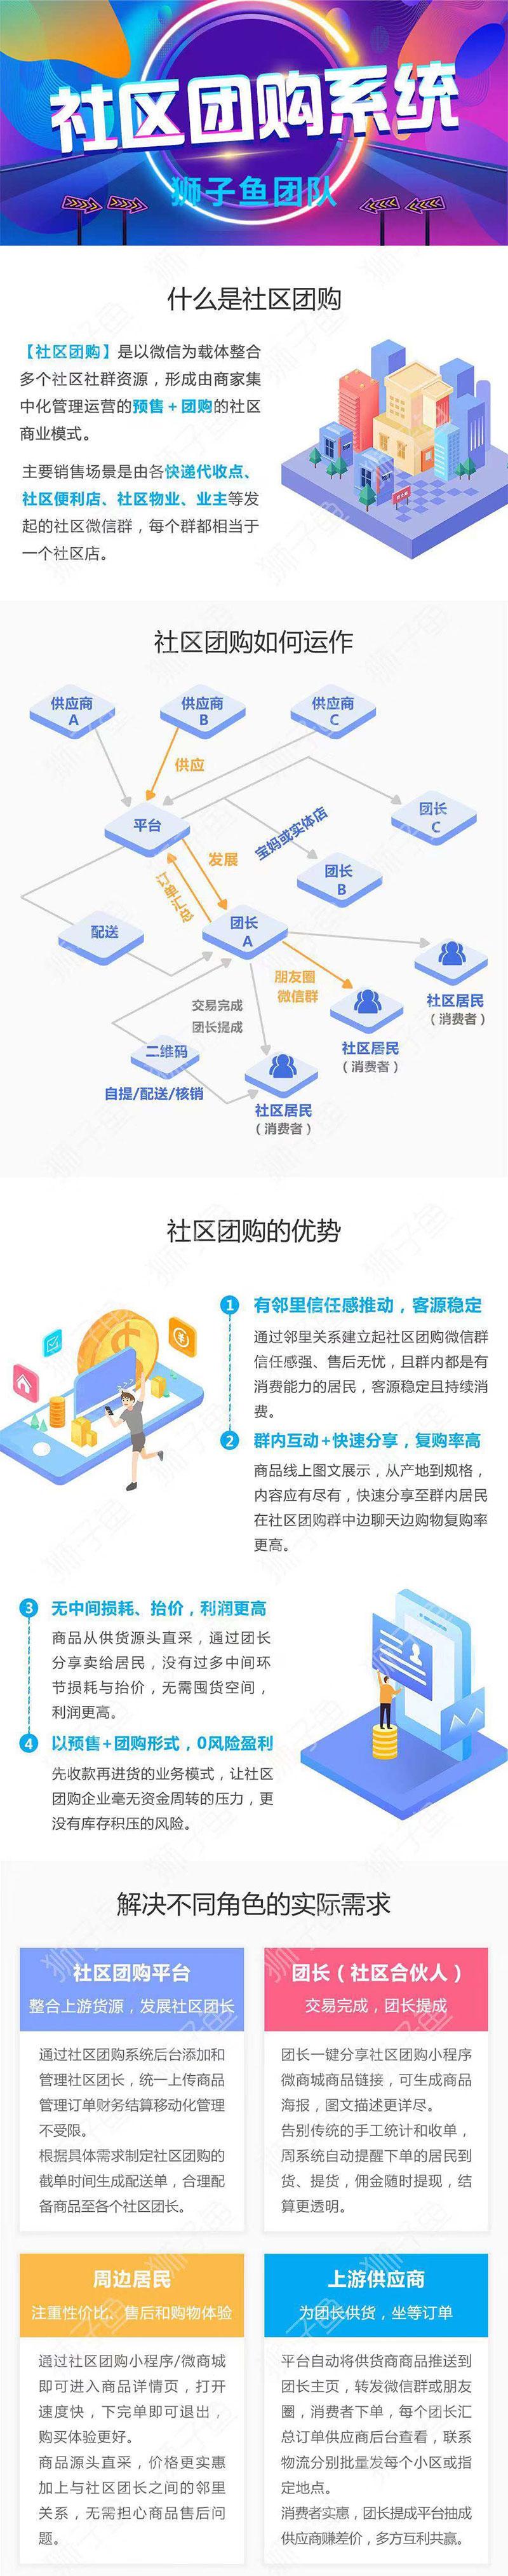 狮子鱼社区团购小程序V4.9.0 前端+后端【微擎小程序源码】